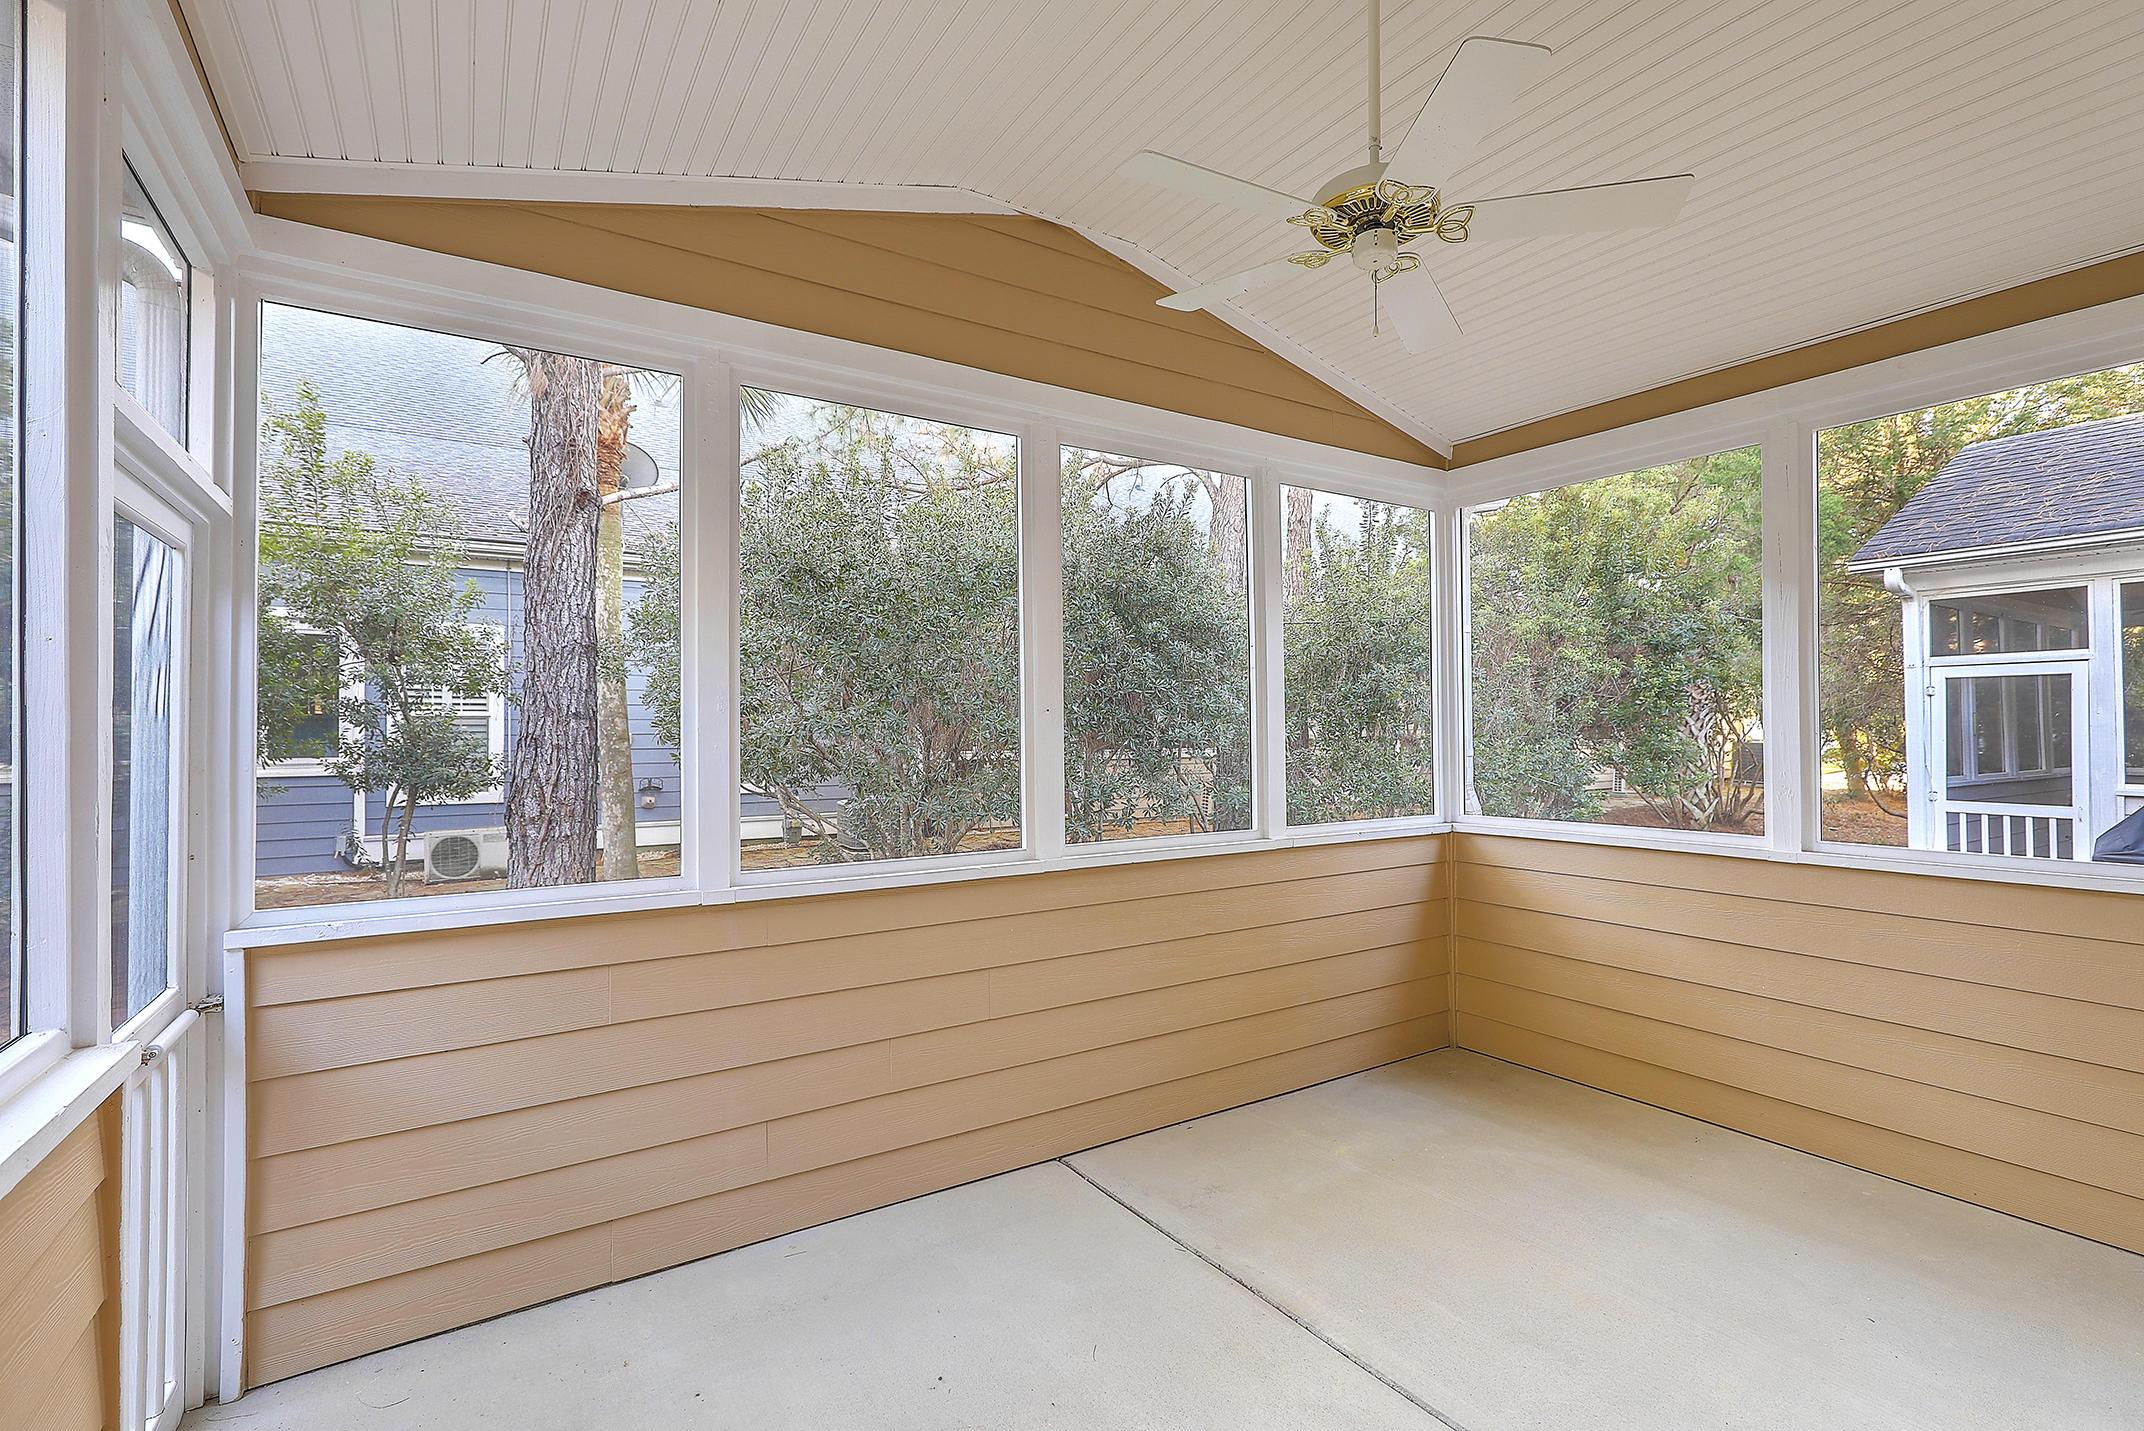 Dunes West Homes For Sale - 163 Fair Sailing, Mount Pleasant, SC - 43